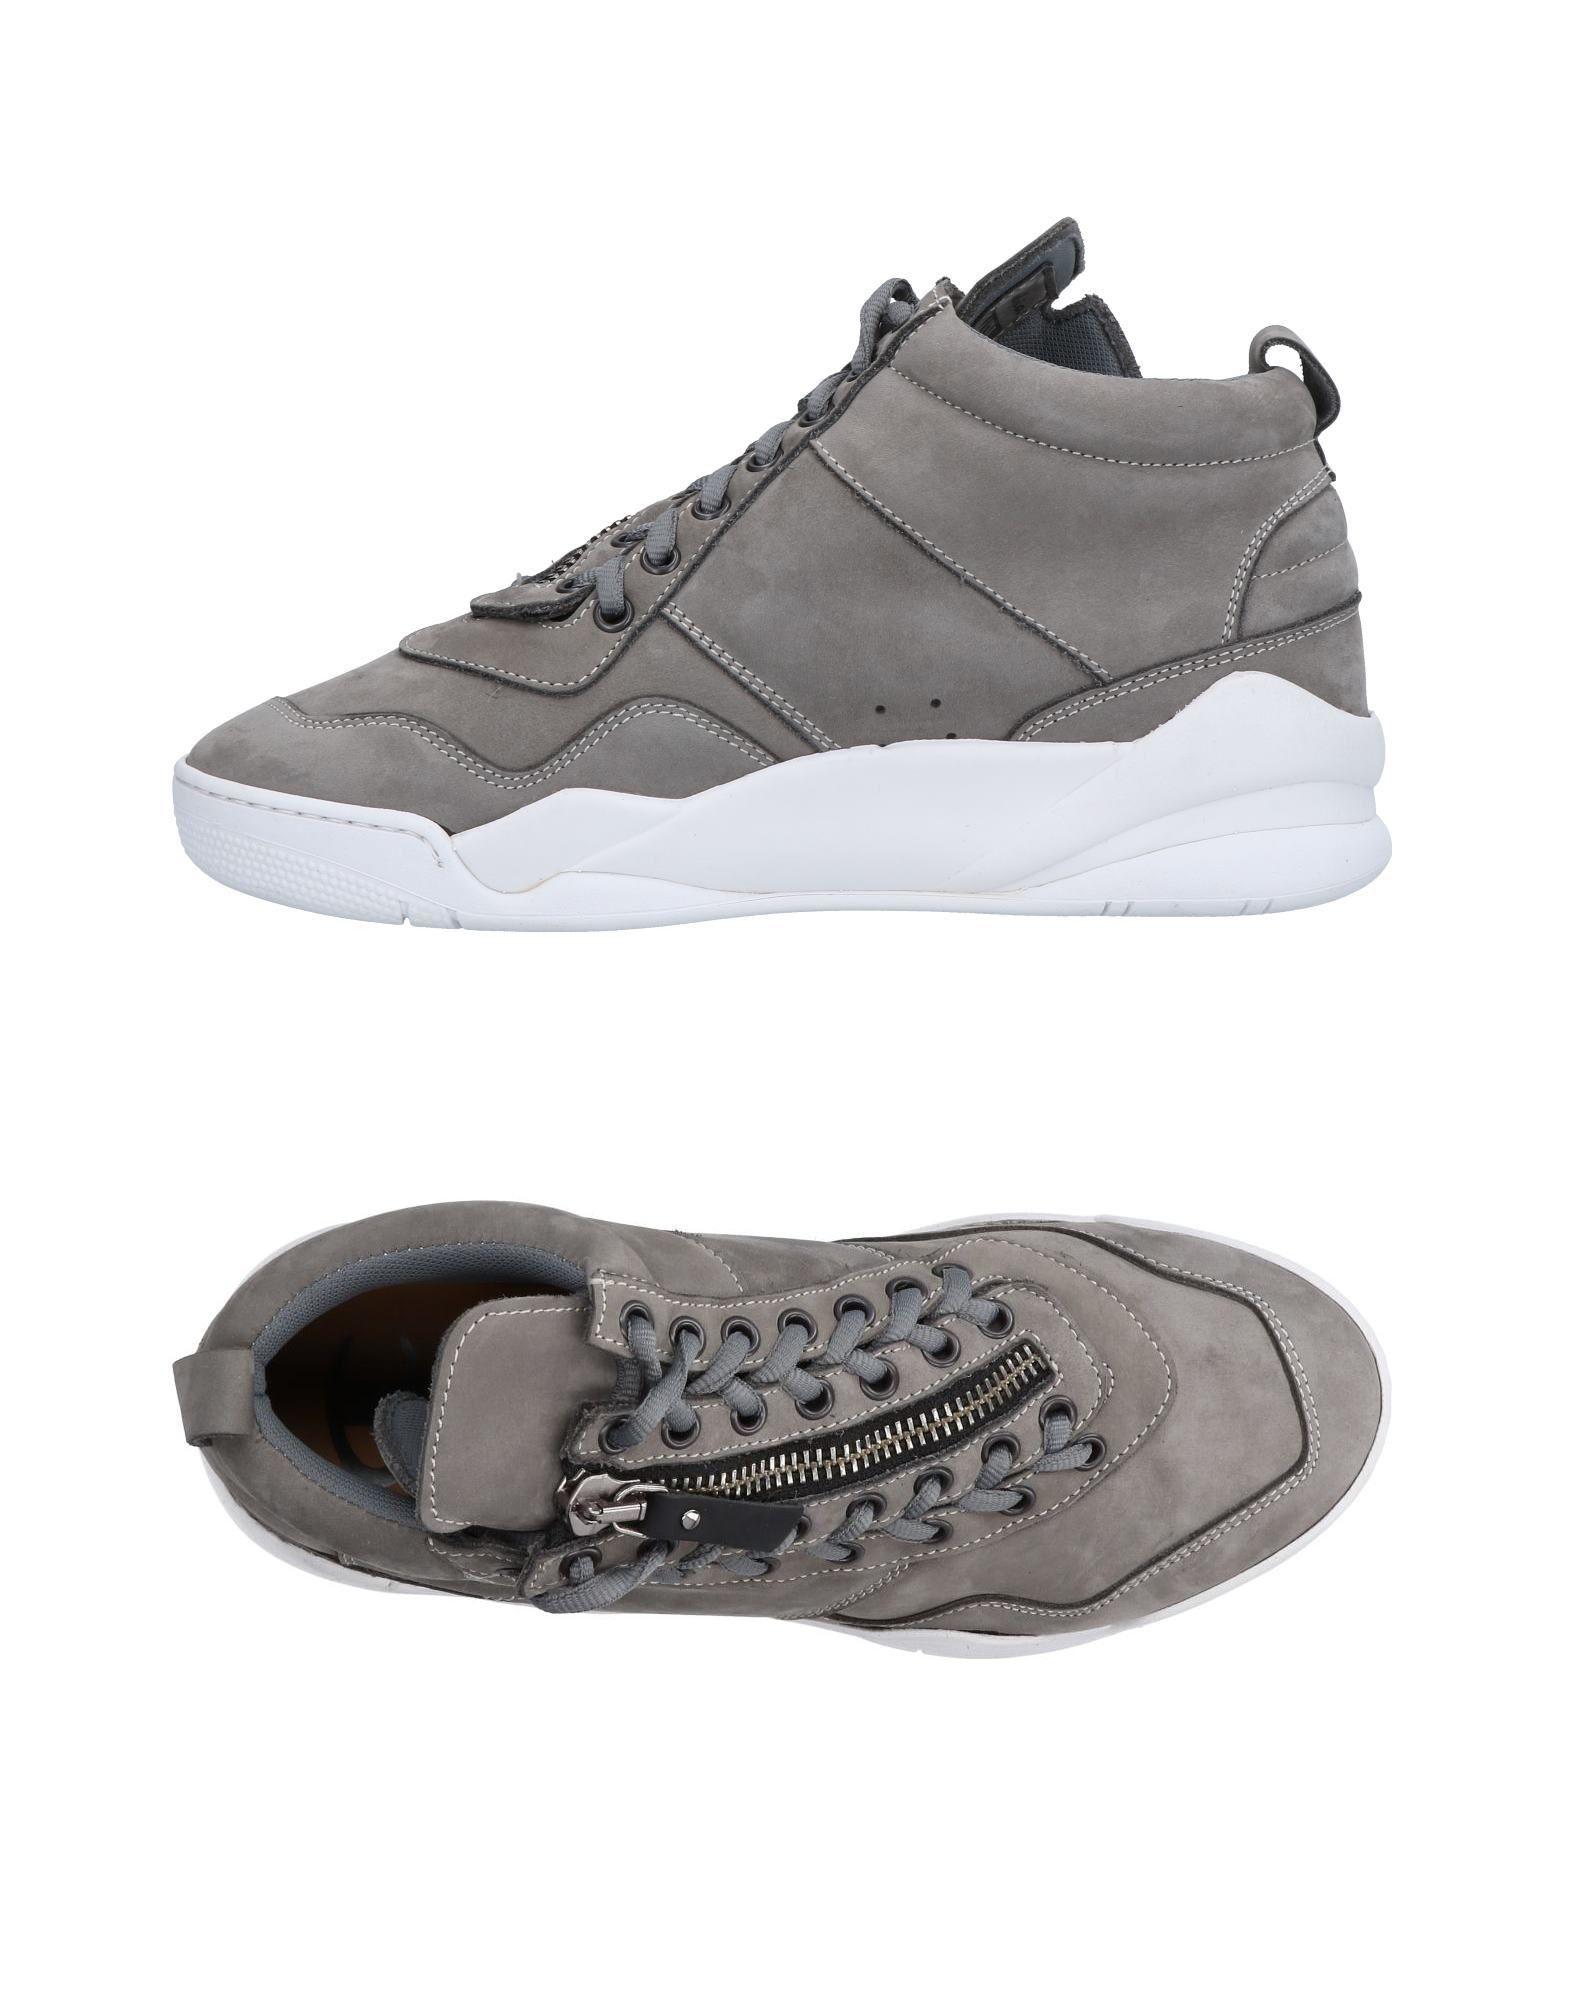 Casbia X Champion Sneakers Sneakers Sneakers Herren  11478795JA Gute Qualität beliebte Schuhe b6174f